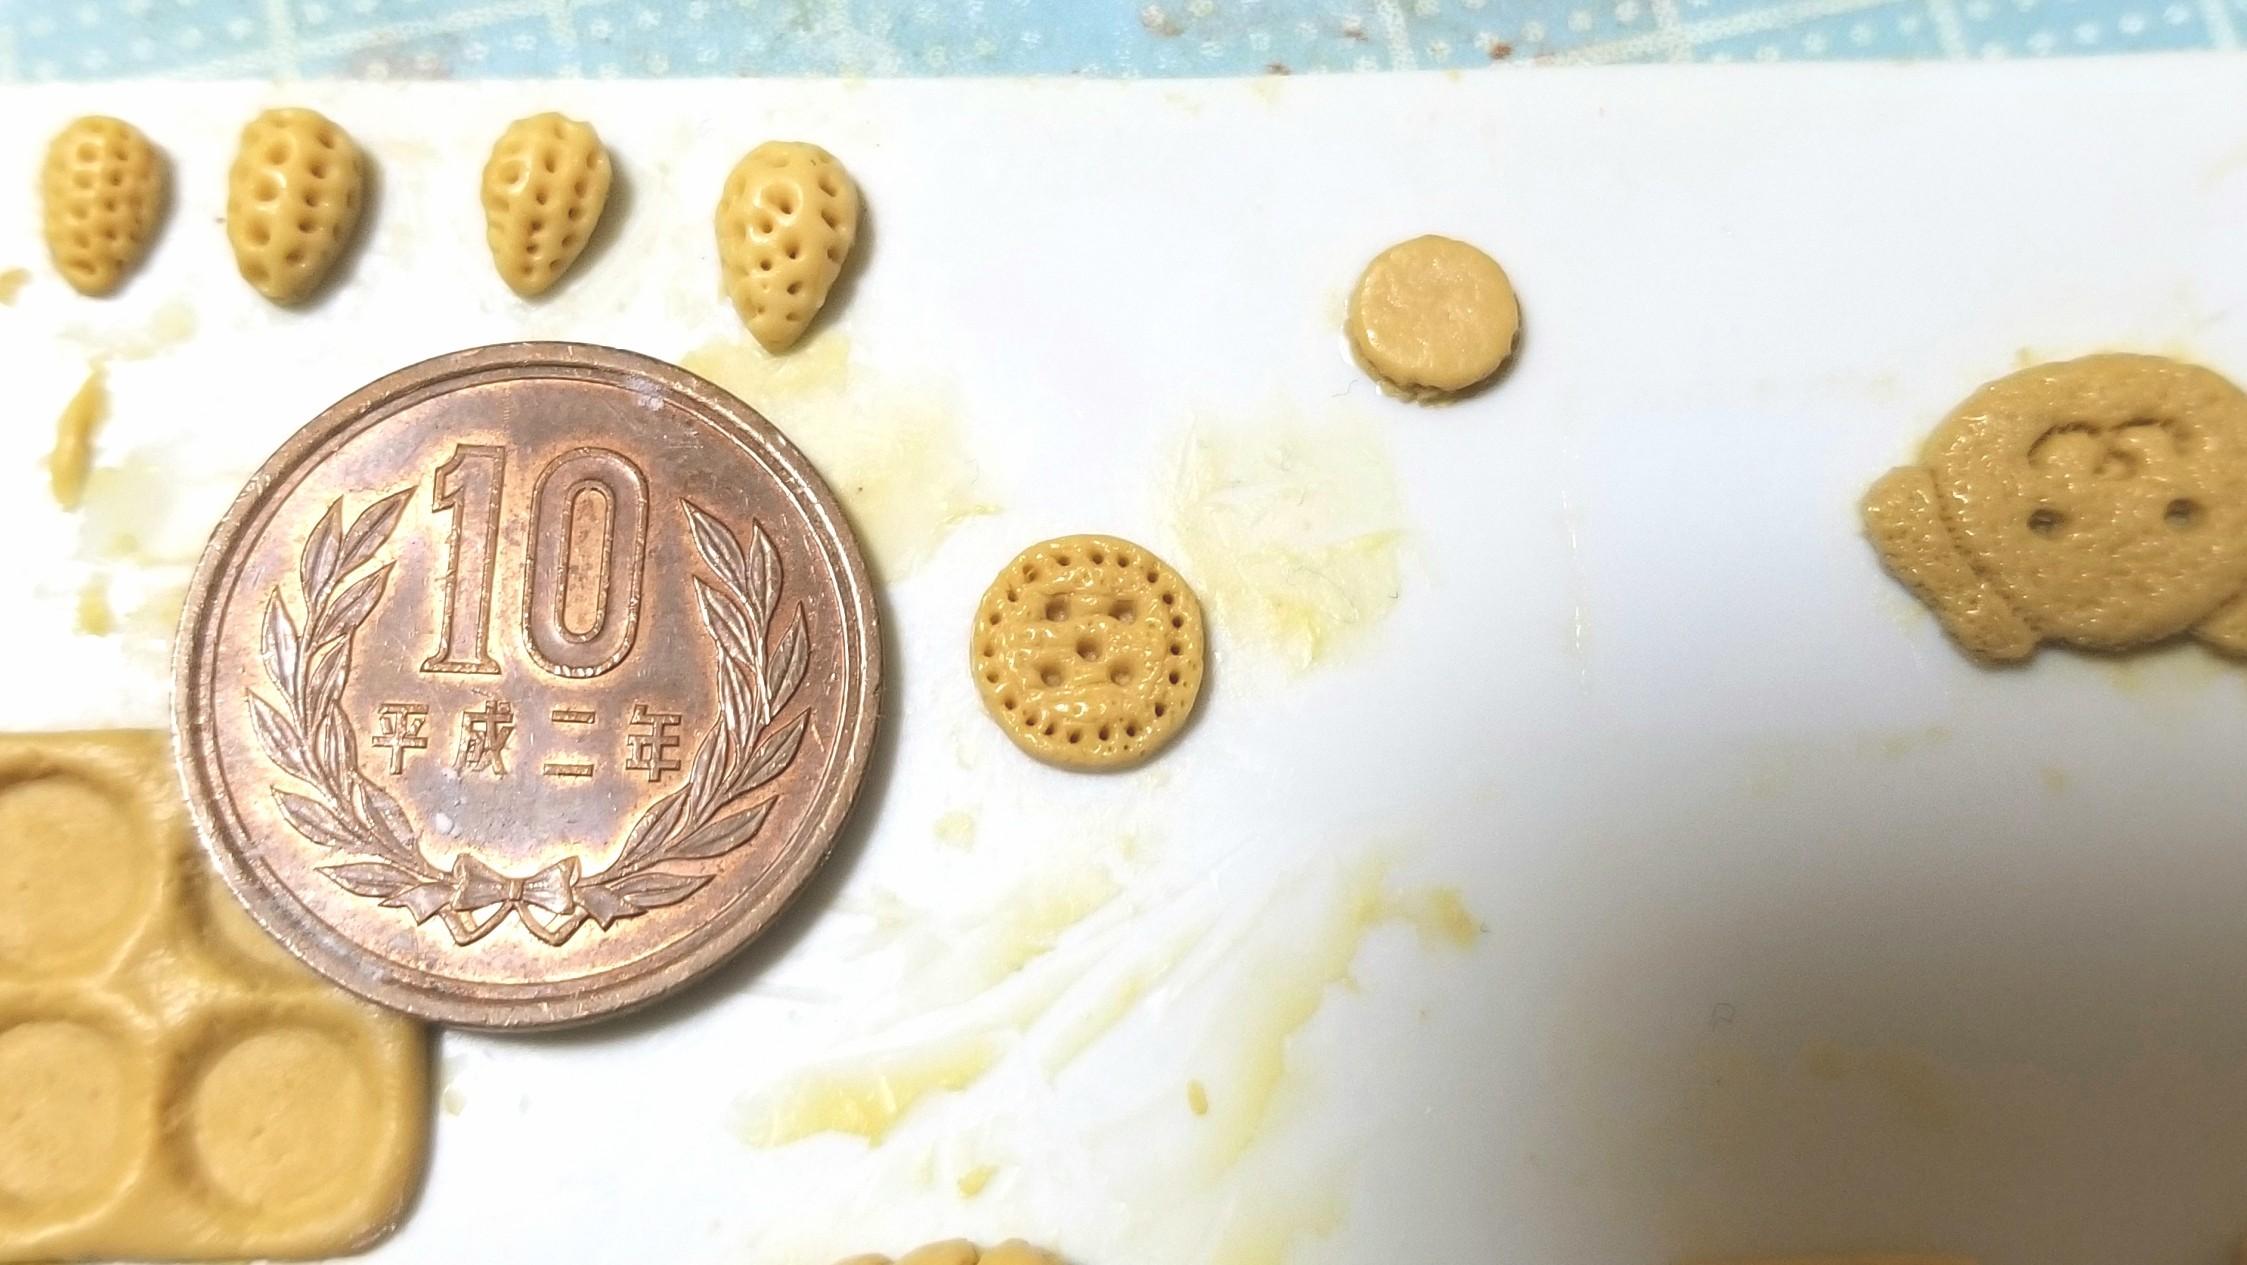 ボタン柄,クッキーサンドの型,ミニチュア,作り方,タミヤエポキシパテ